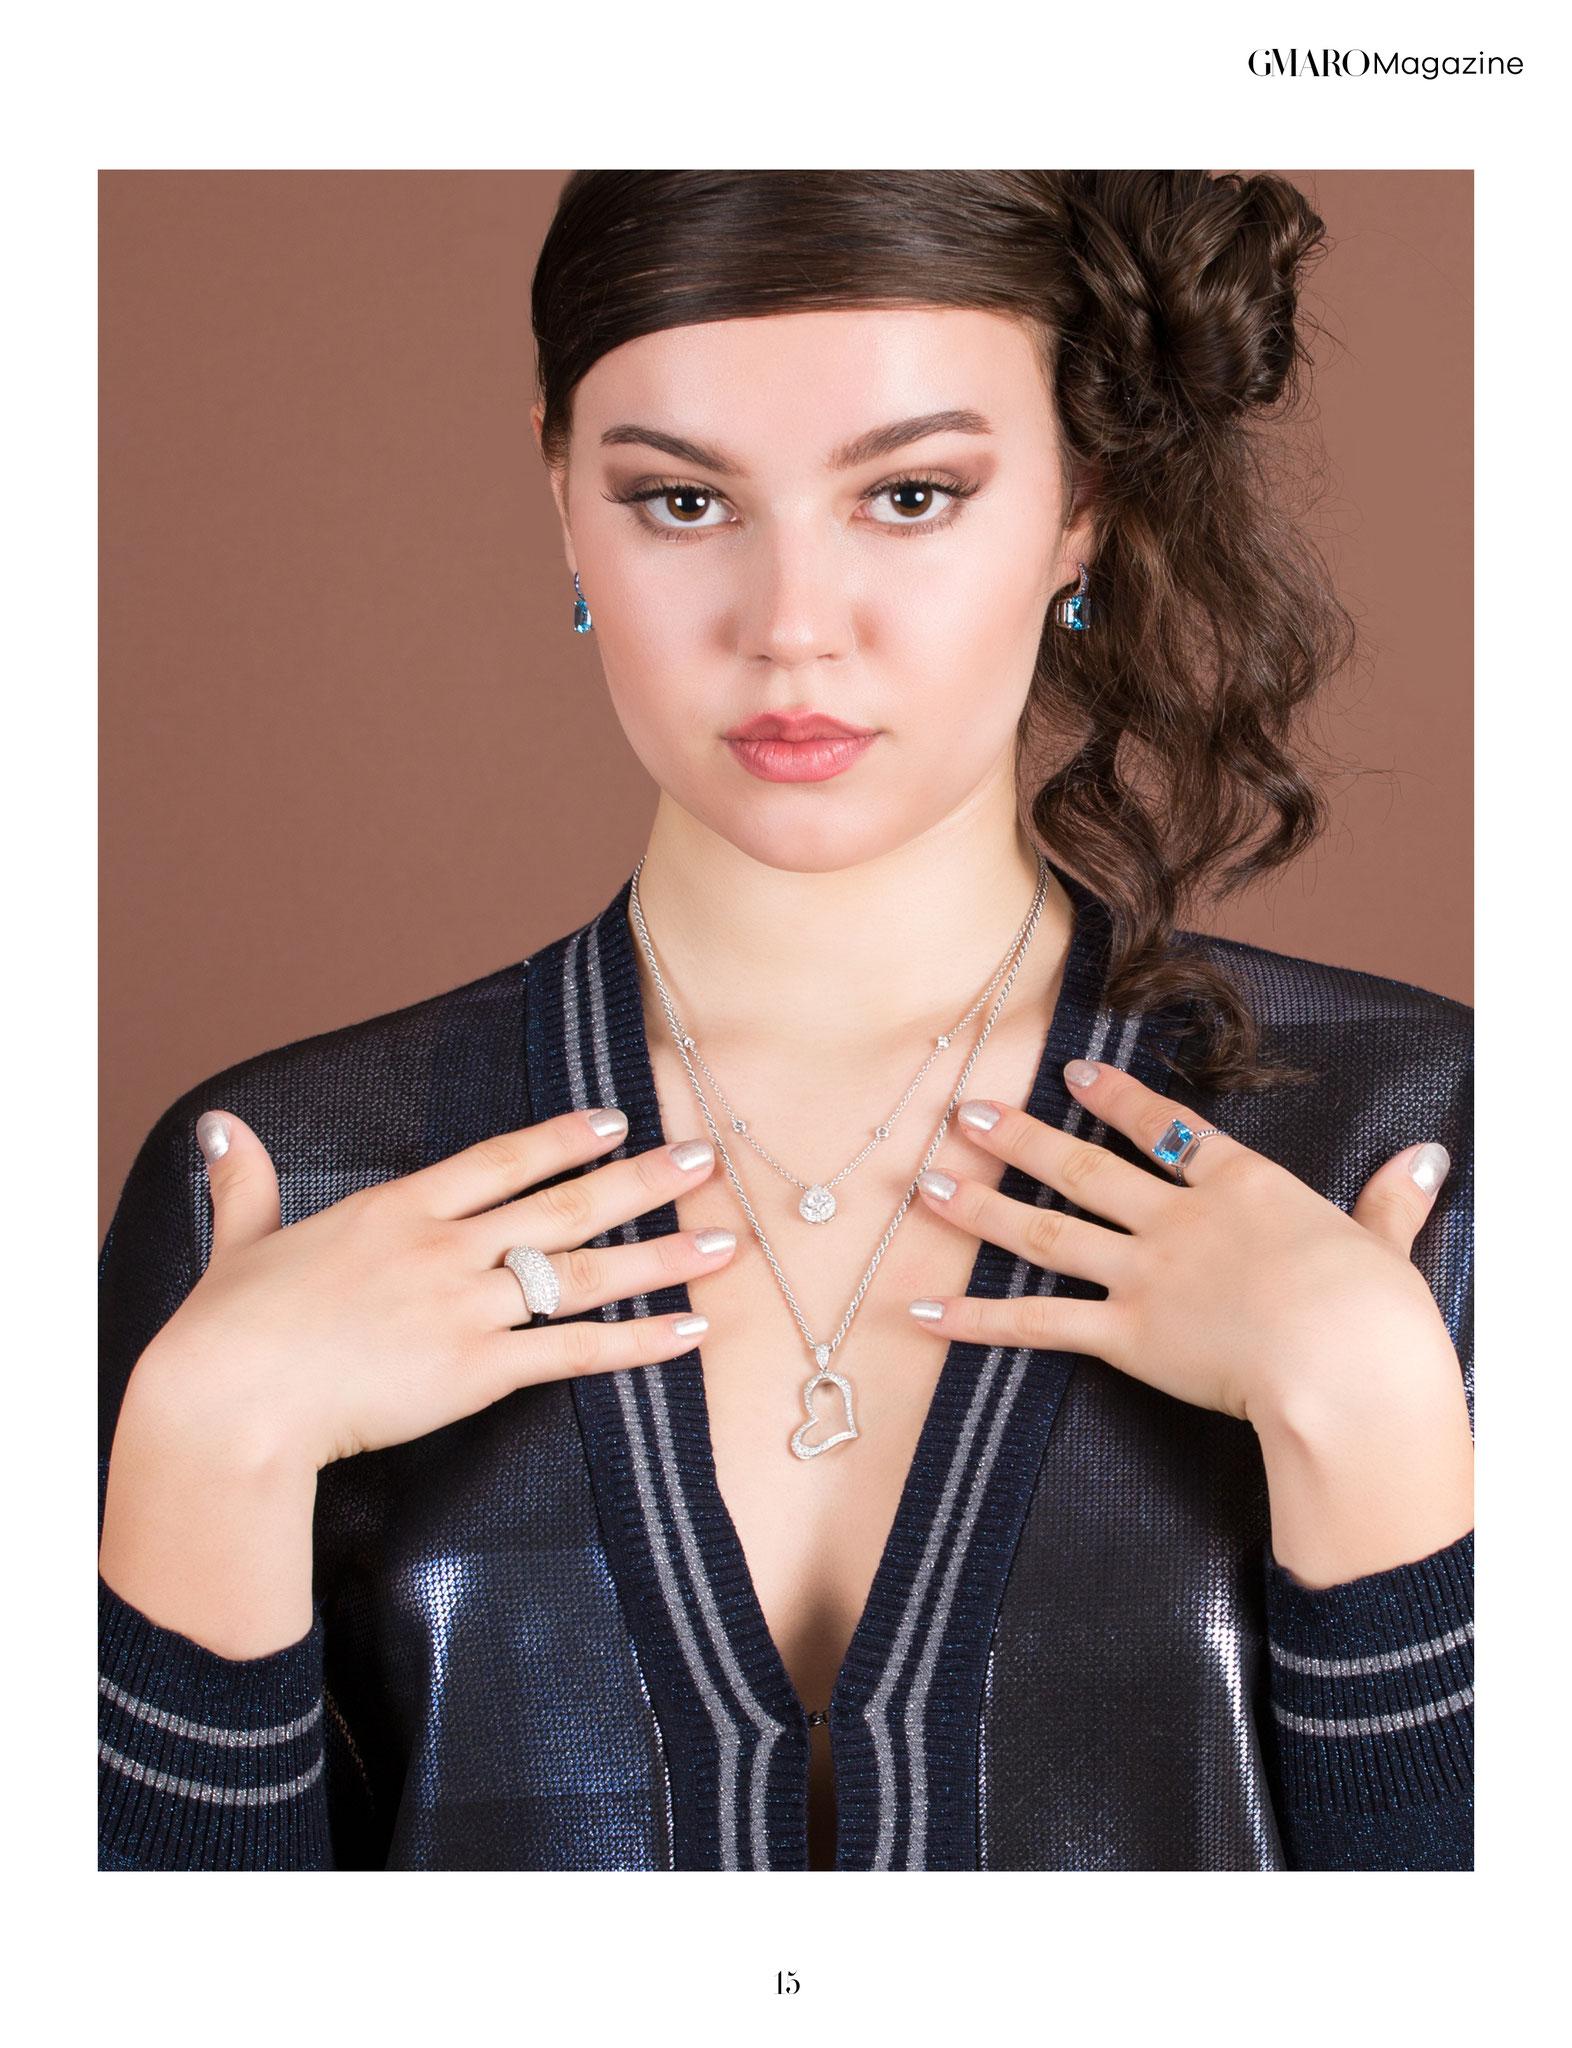 GMARO PARIS, December 2020 - Fashion Stylist: Vesna Resch